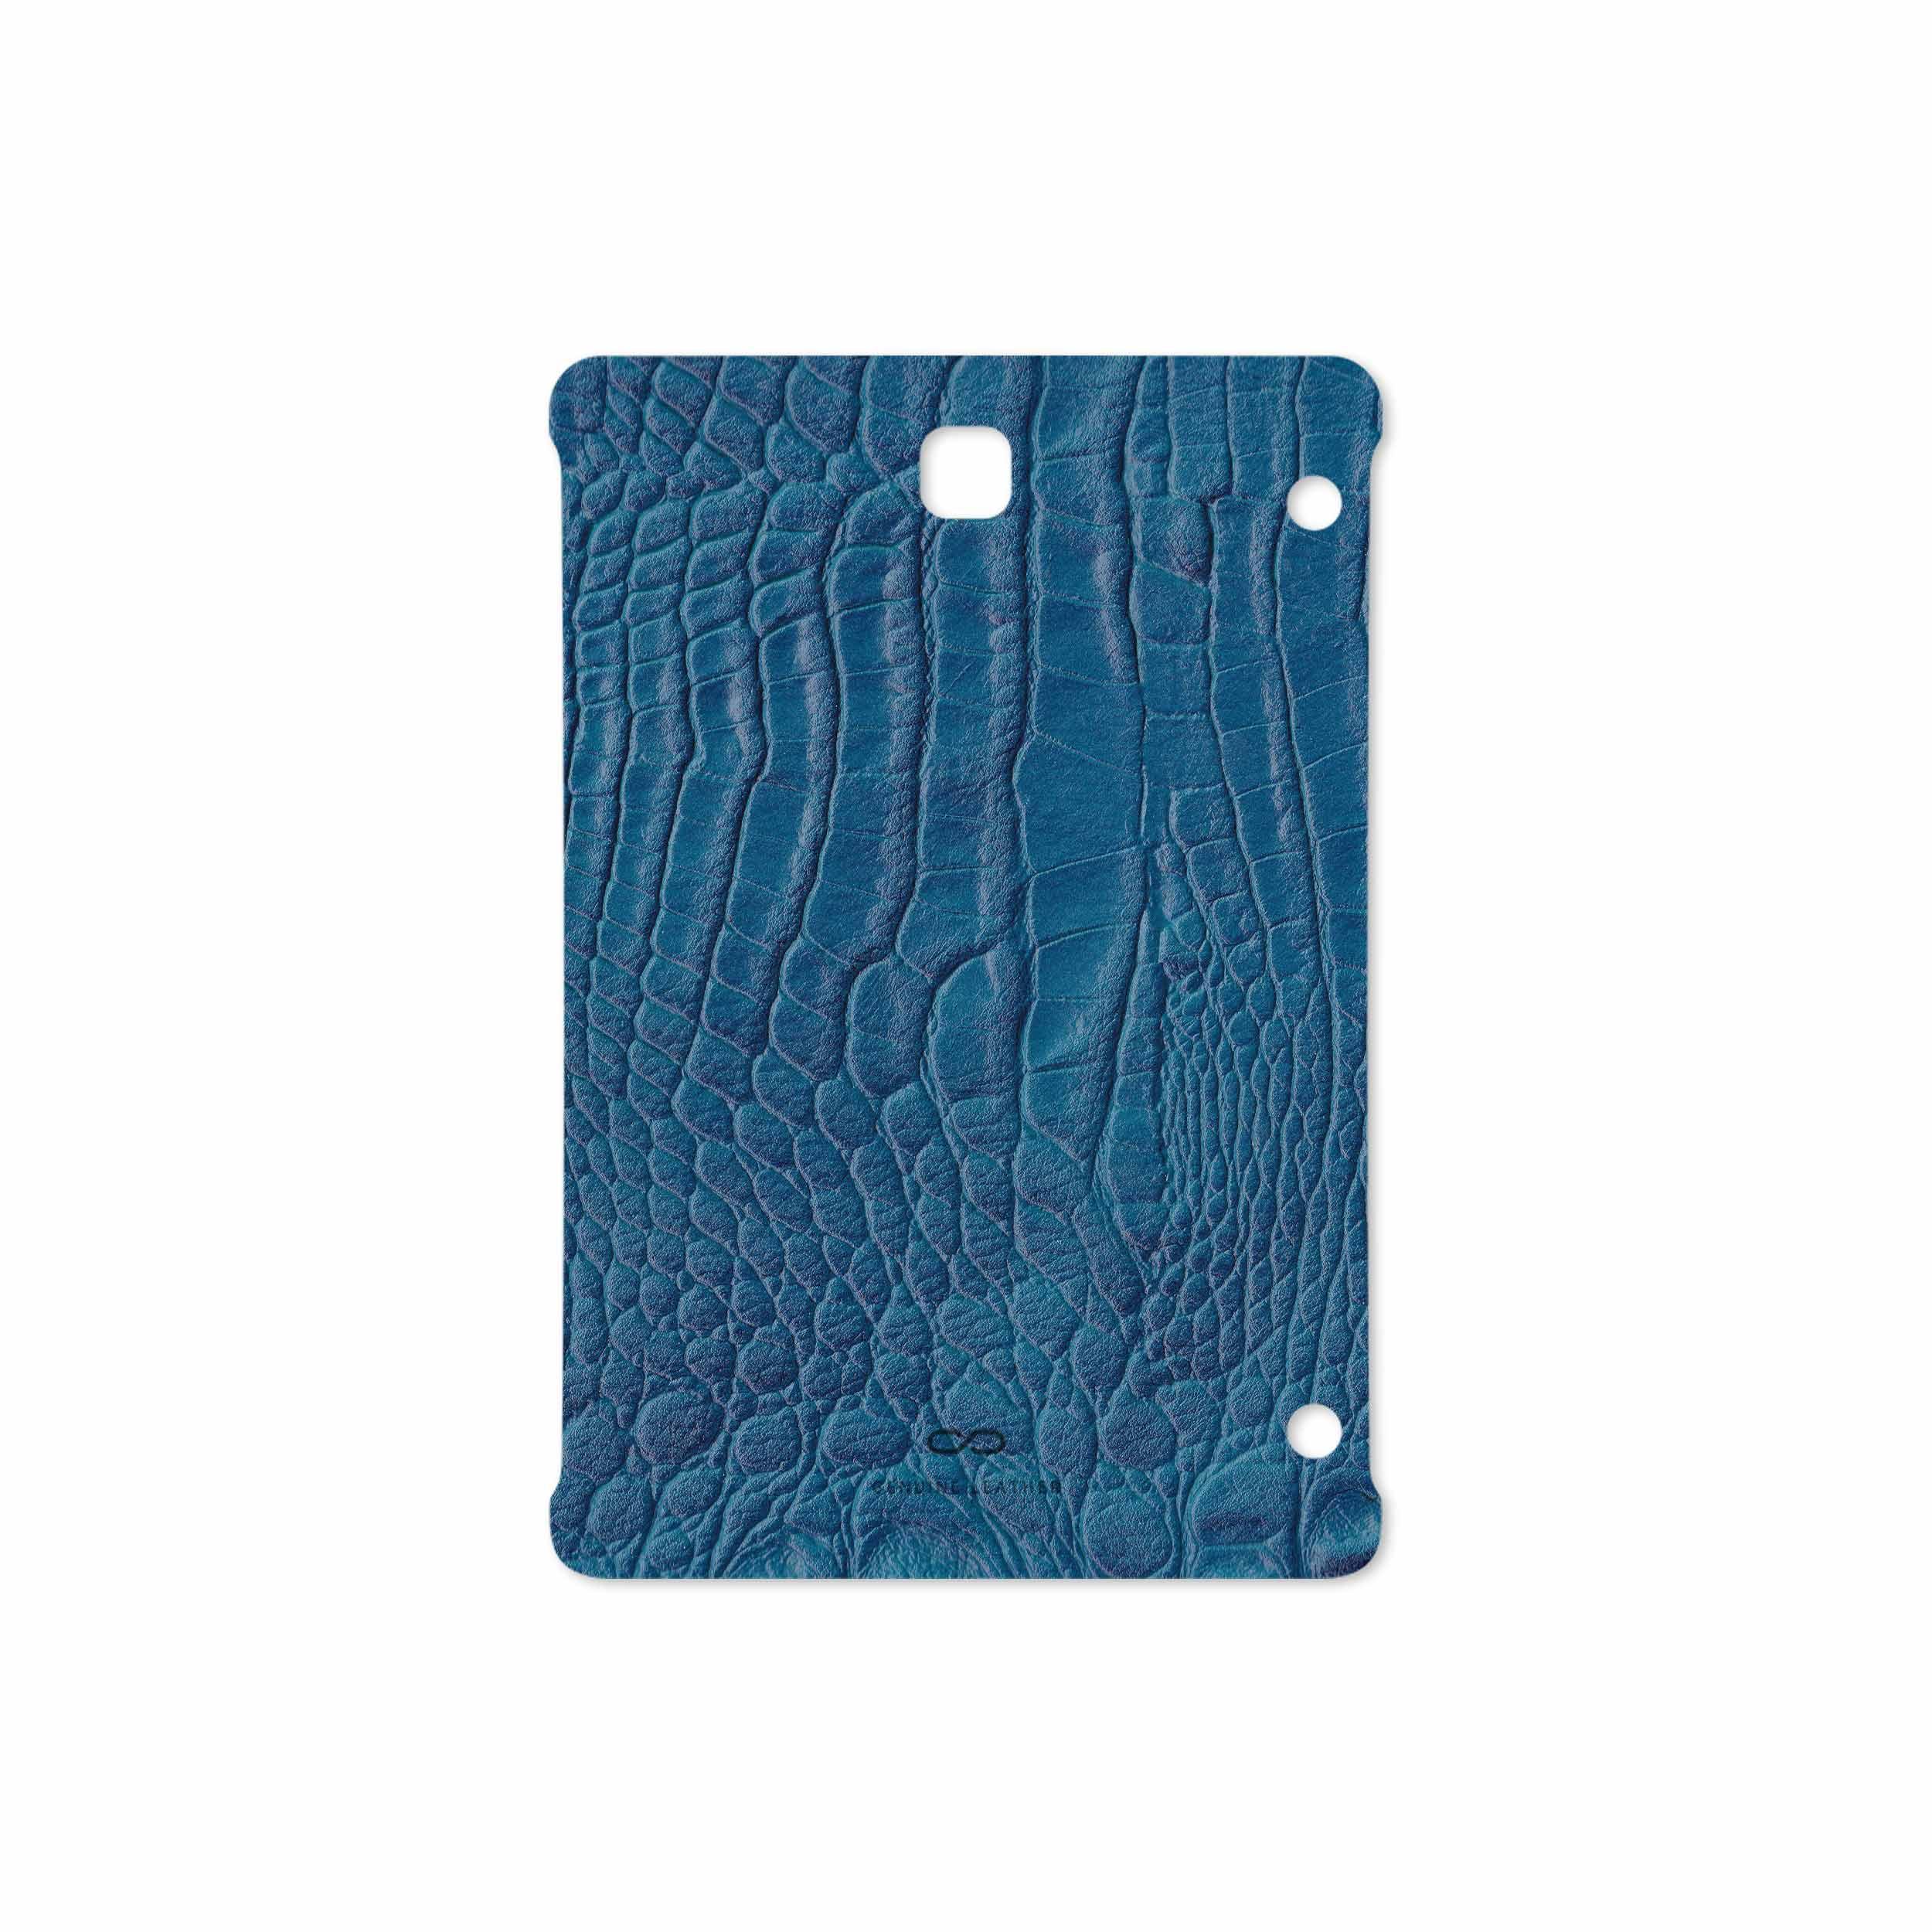 بررسی و خرید [با تخفیف]                                     برچسب پوششی ماهوت مدل Blue-Crocodile-Leather مناسب برای تبلت سامسونگ Galaxy Tab S2 8.0 2016 T719N                             اورجینال